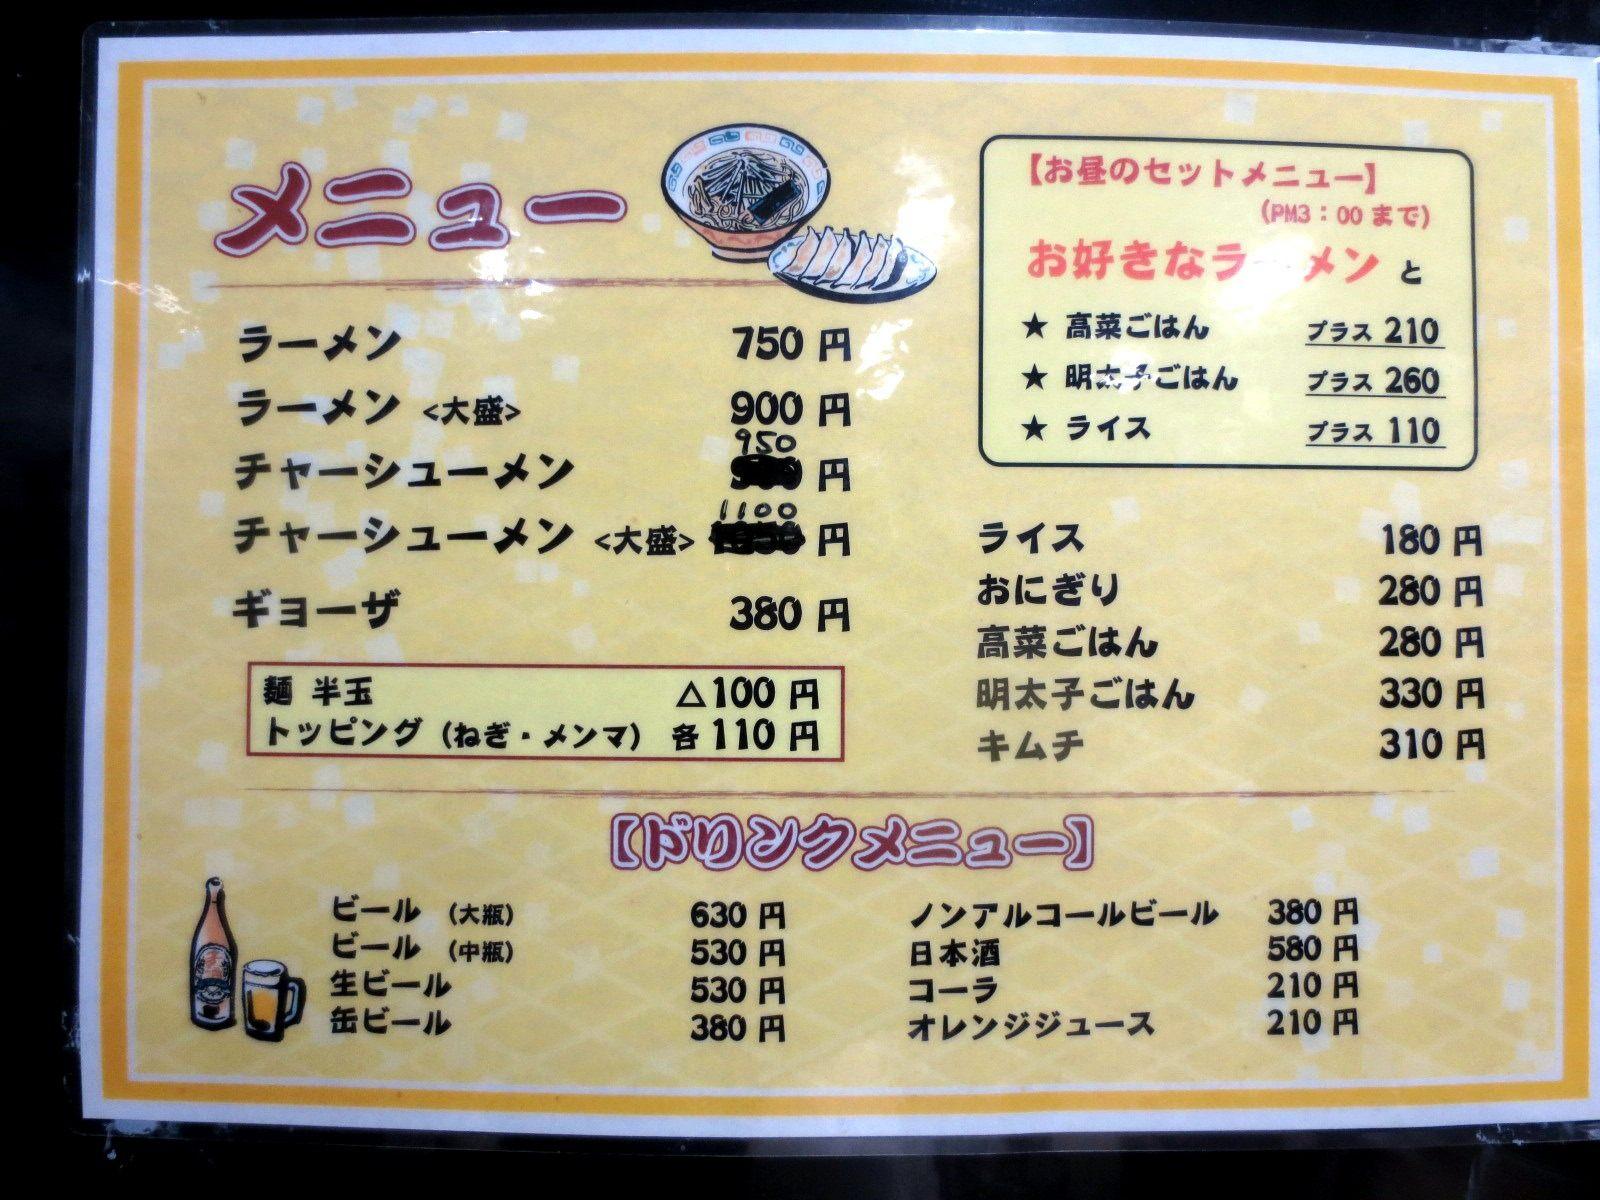 菠菜拉麵店 菜單